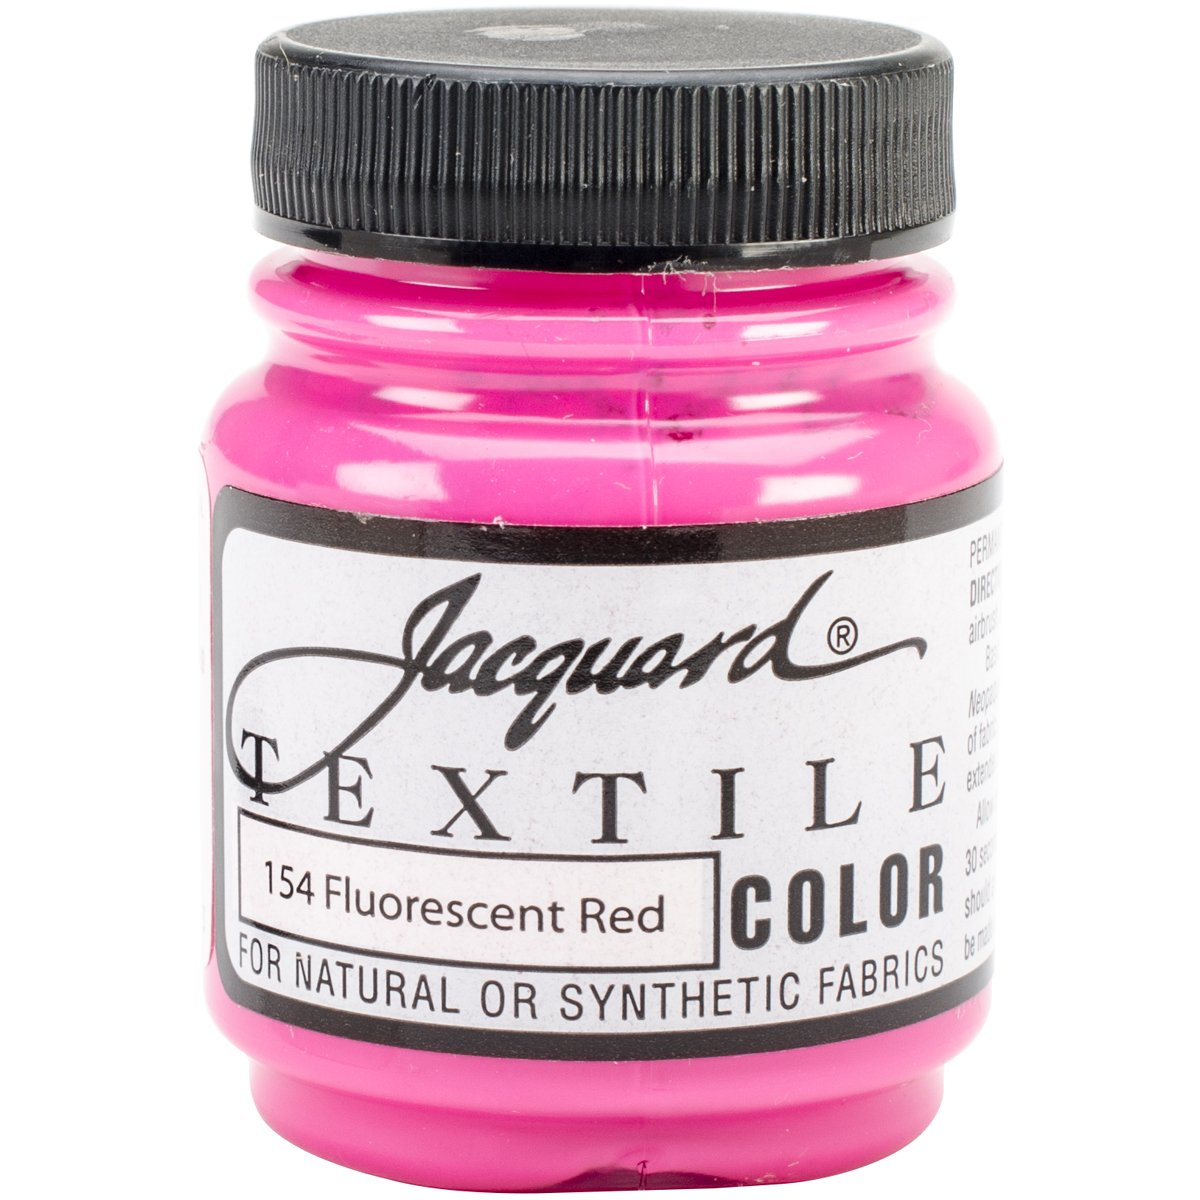 Jacquard Products Textile Color Fabric Paint 2.25-Ounce, Super Opaque White TEXTILE-1220